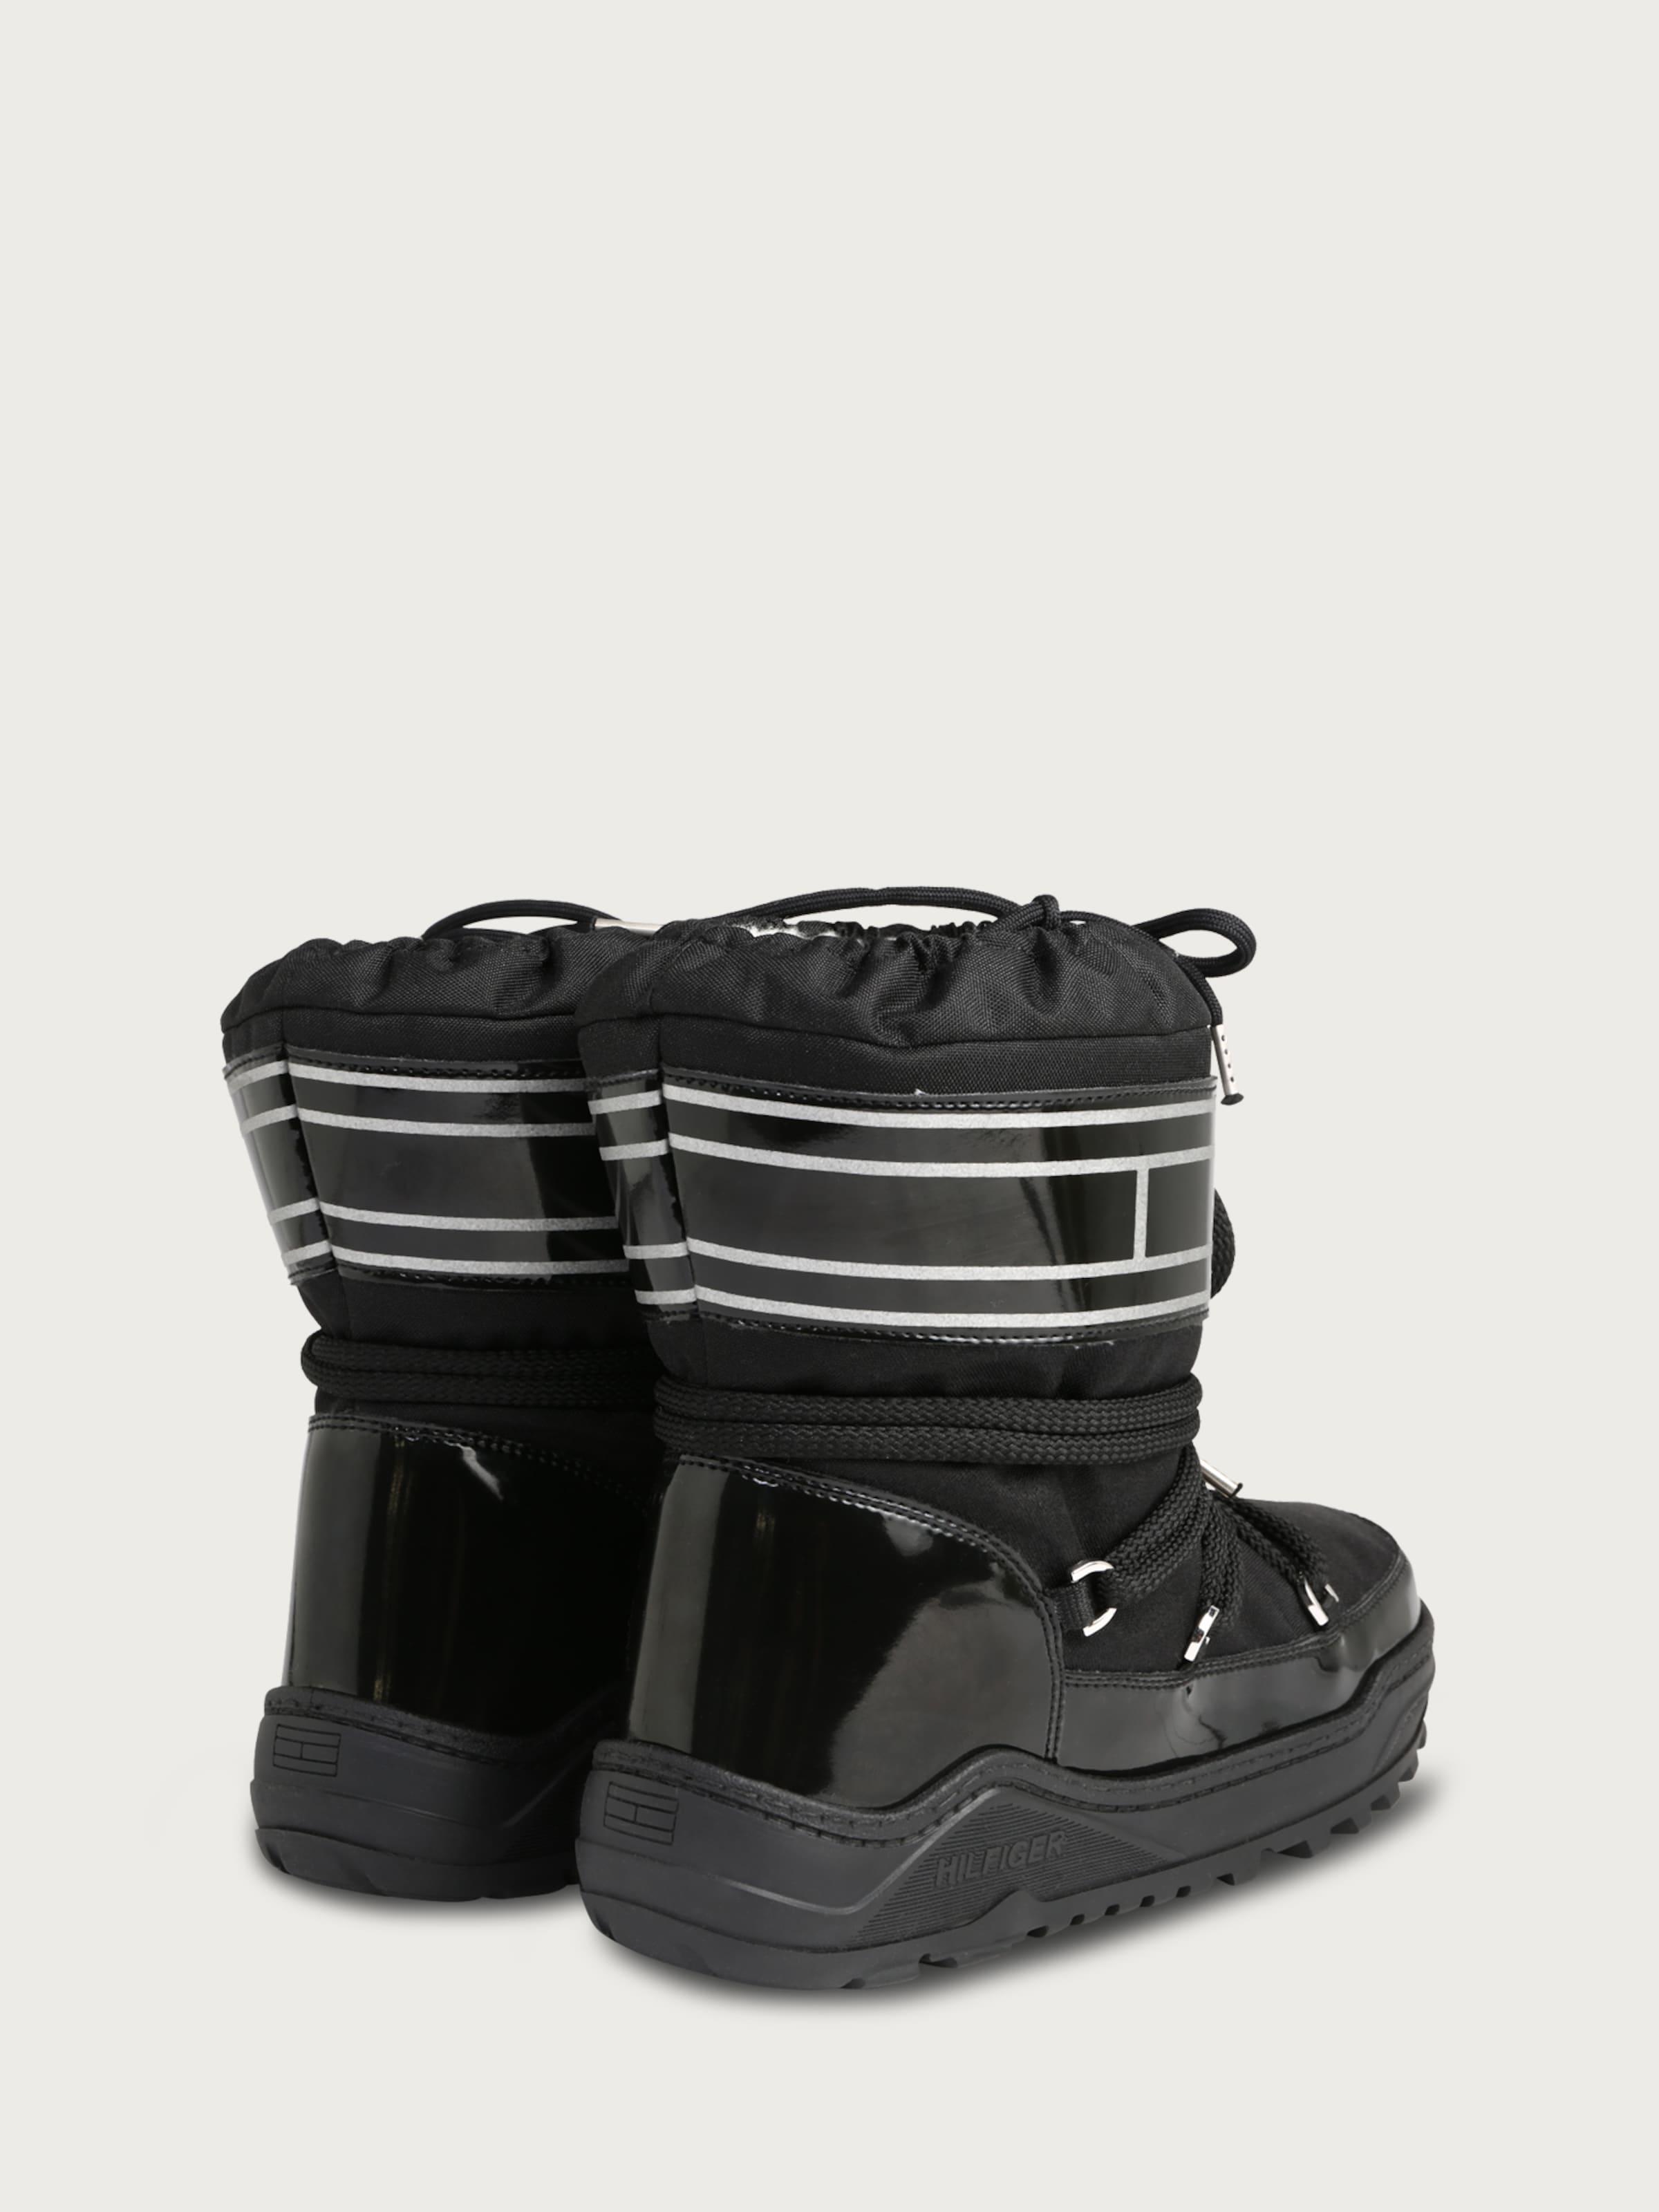 TOMMY HILFIGER Snow Boot im Glamour-Look Freies Verschiffen Extrem Auslasszwischenraum Store XFUWVZUQSu